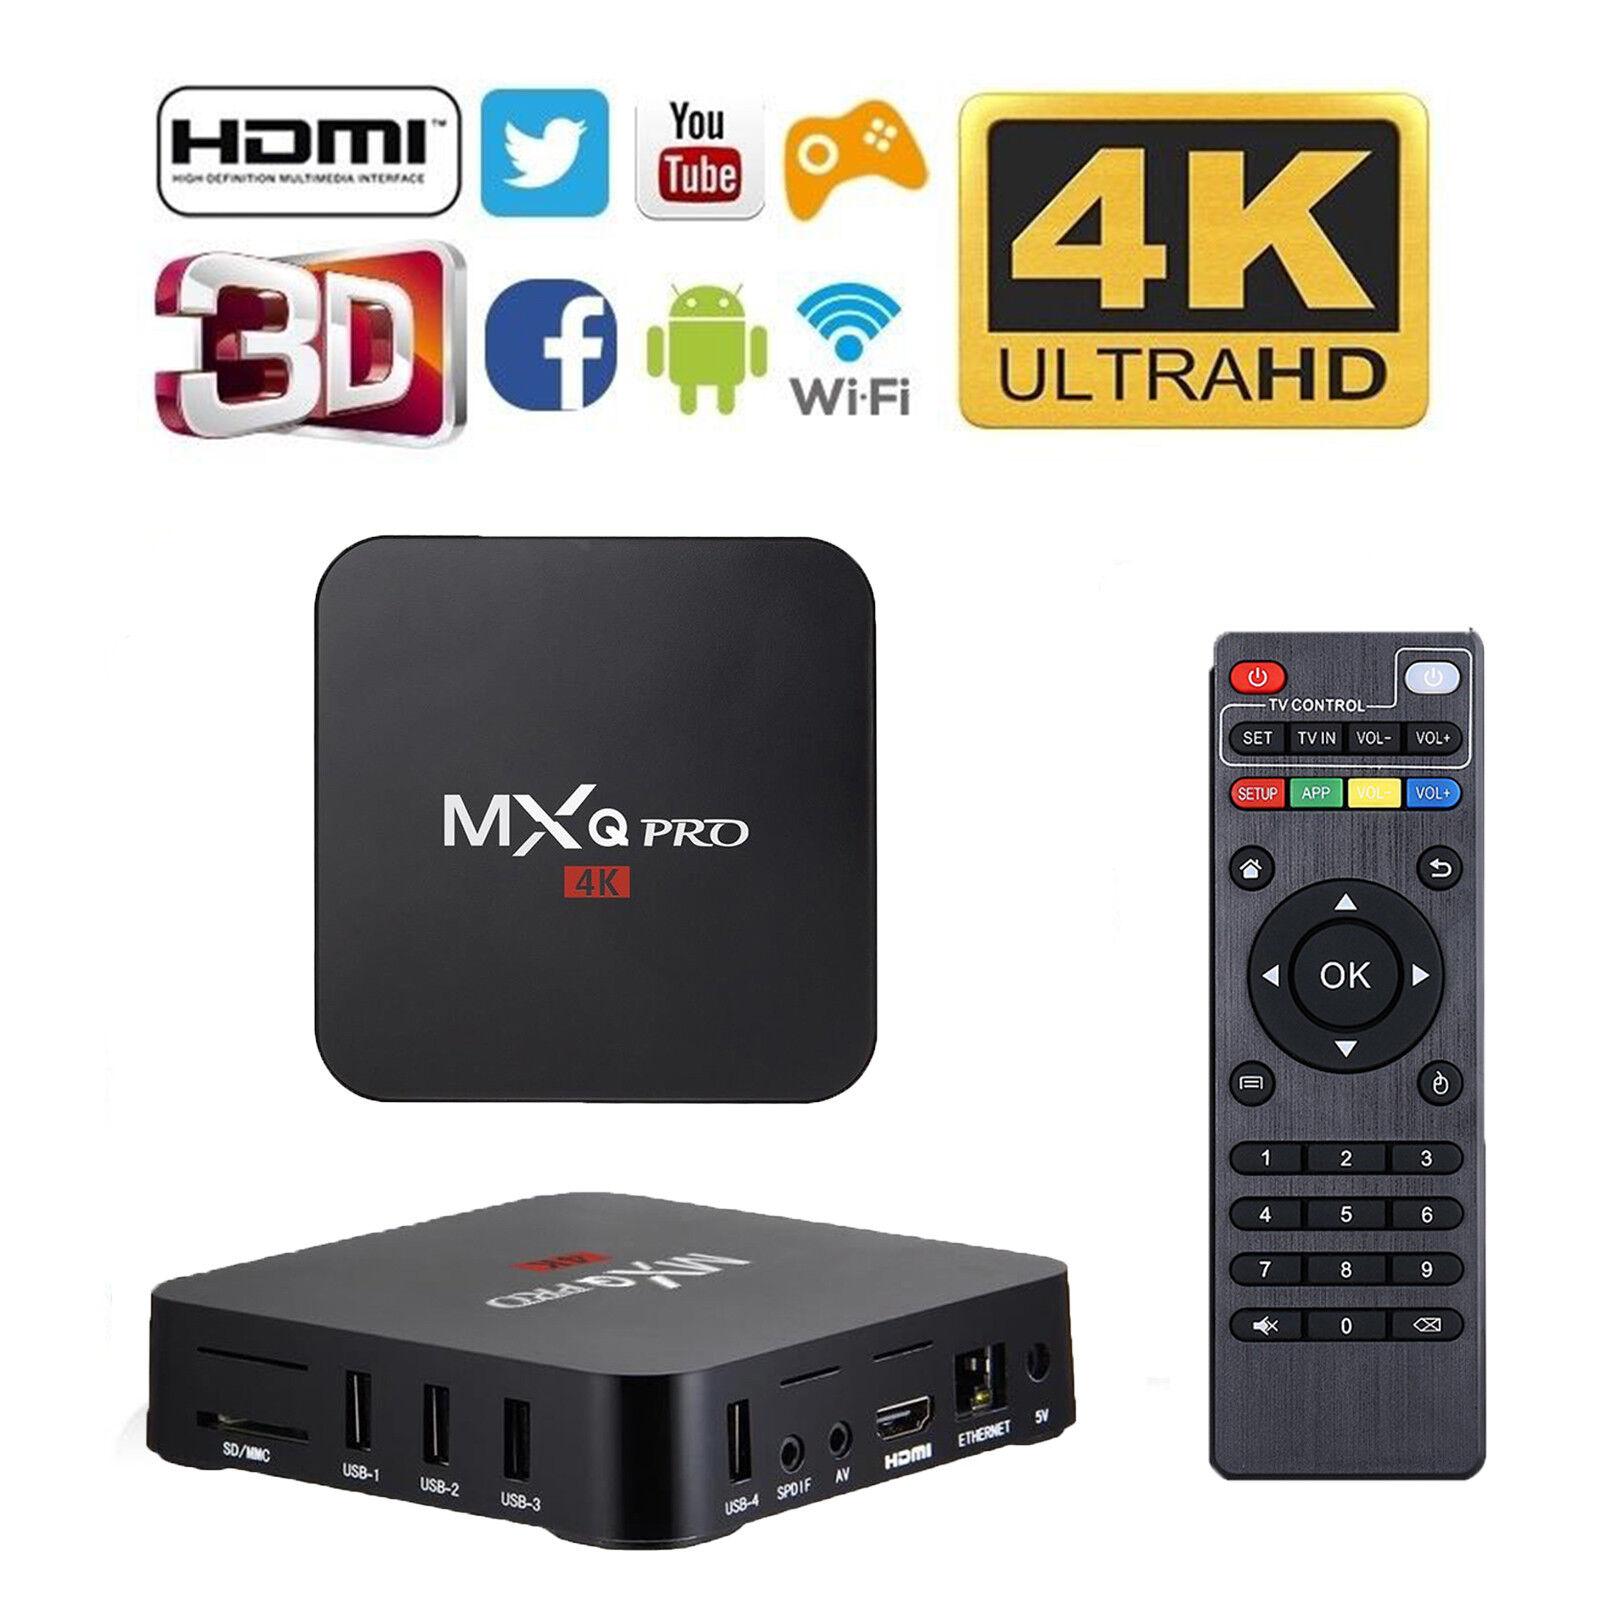 MXQ Pro 3D Media Player KODI 17.5 TV BOX WIFI Android 6.0 4K 1GB Ram 8GB Rom